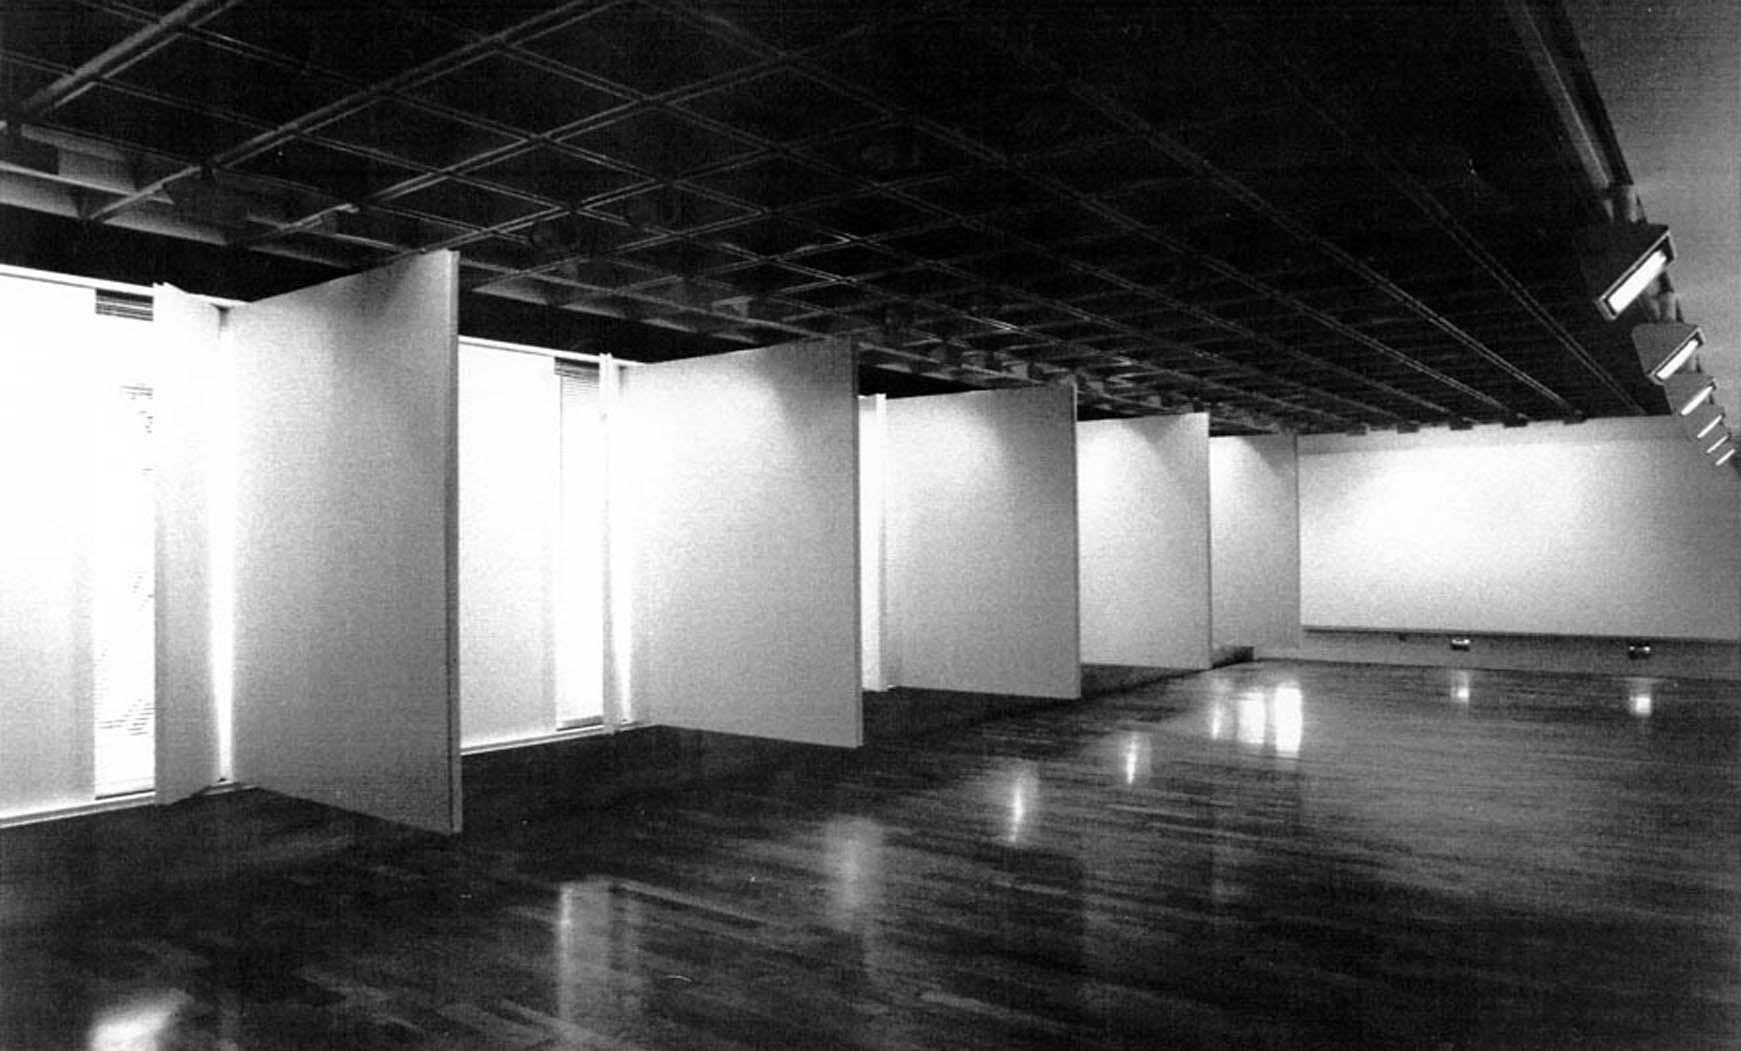 Locales culturales para Fundación La Caixa en Sta. Cristina d'Aro (1992), en colab. con EGC y ABS